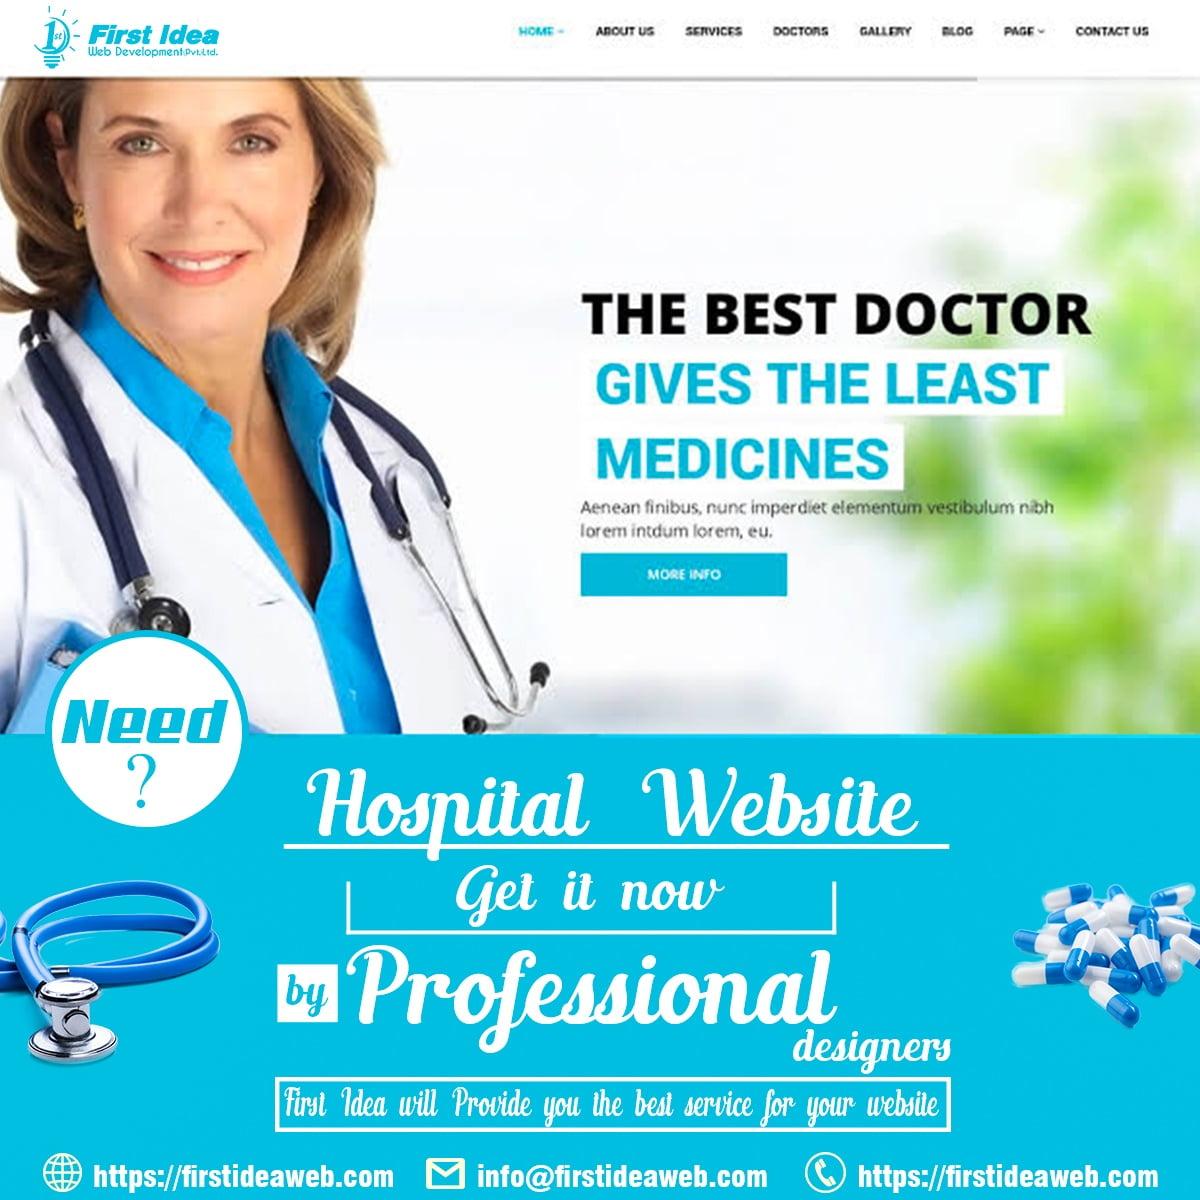 Hospital Management System Software, Web Design for Hospitals, Medical Website Design, Healthcare Web Portal Development, Doctor Website Design